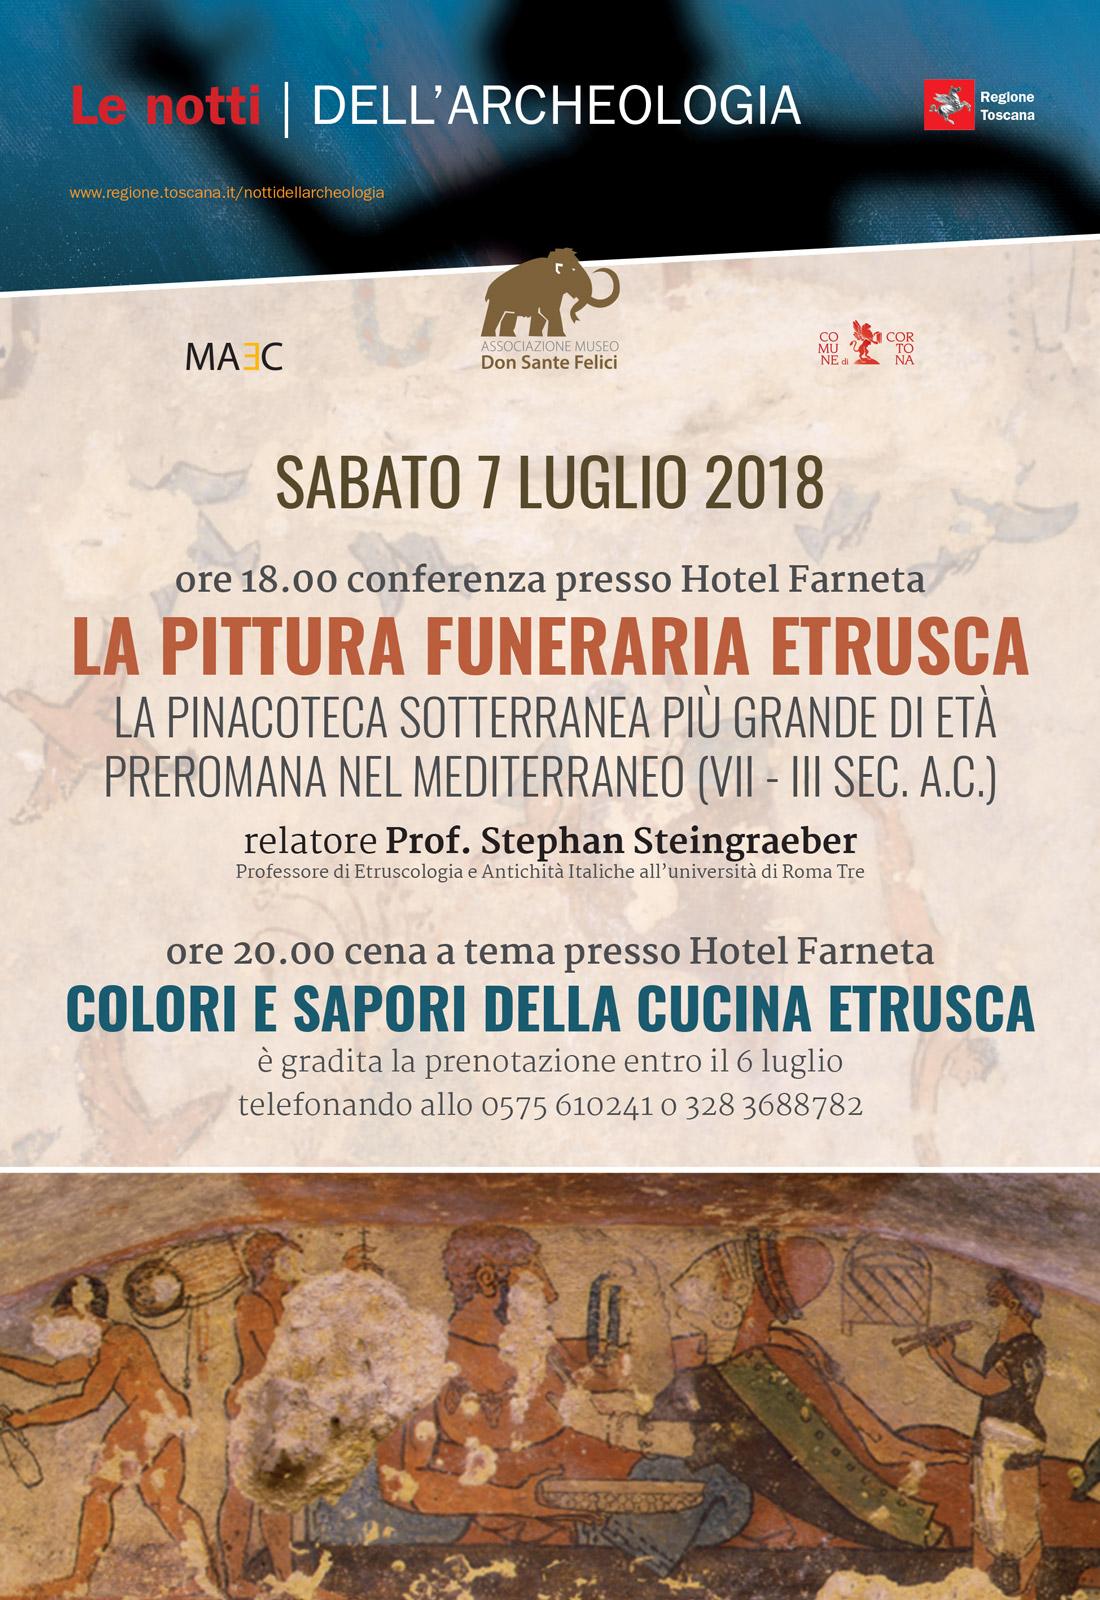 Conferenza sulla pittura funeraria etrusca